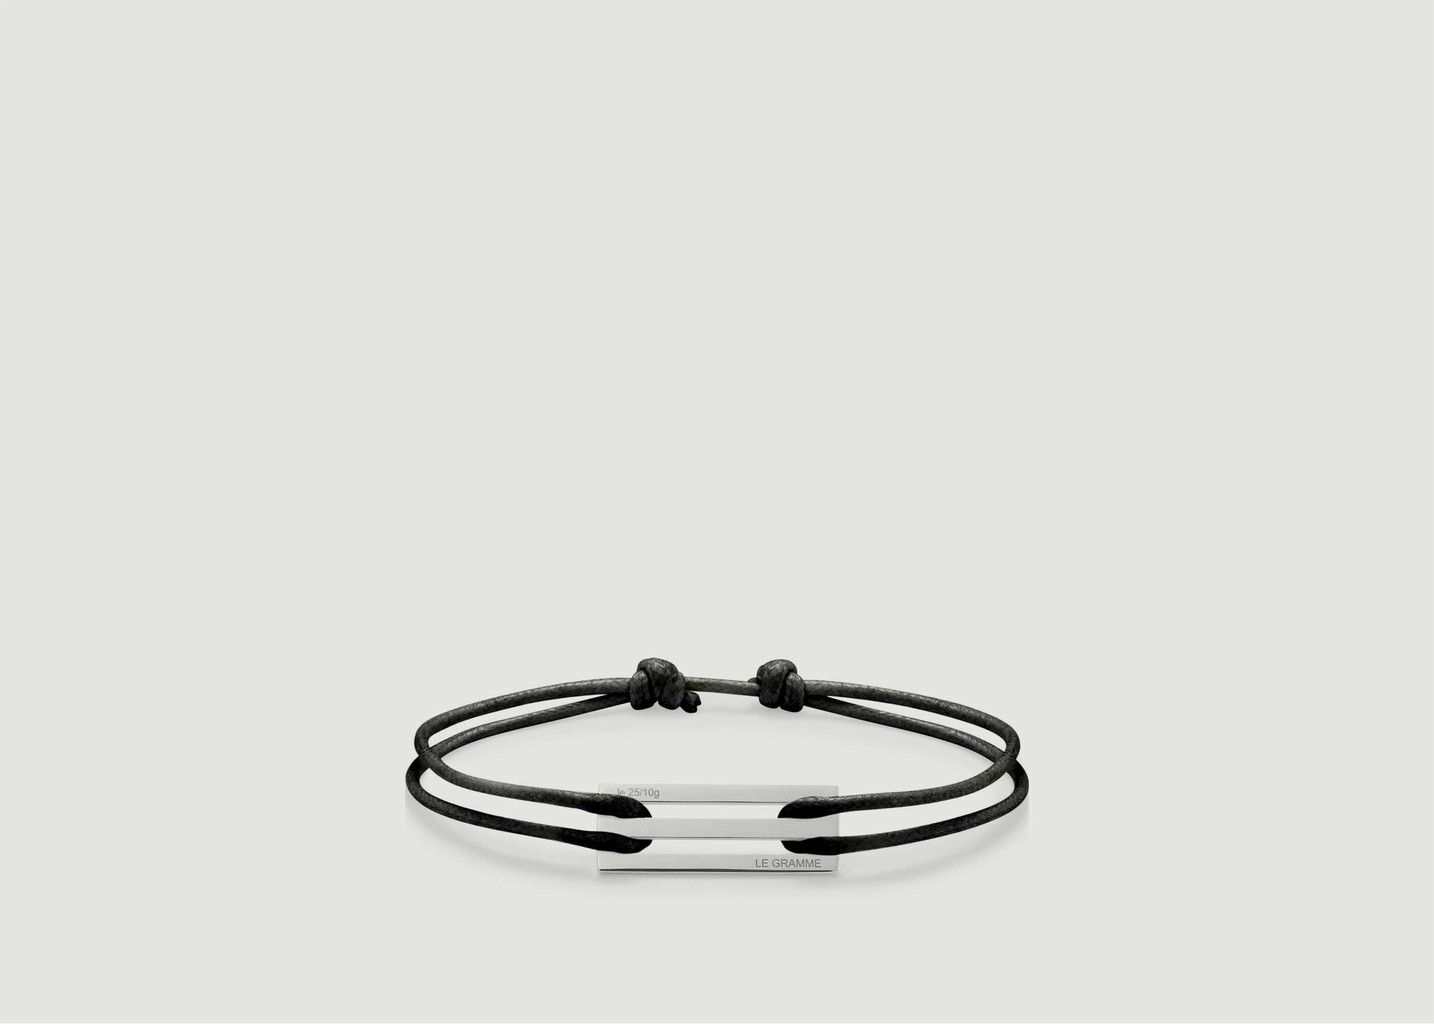 Bracelet Cordon Le 2.5gr - Le Gramme